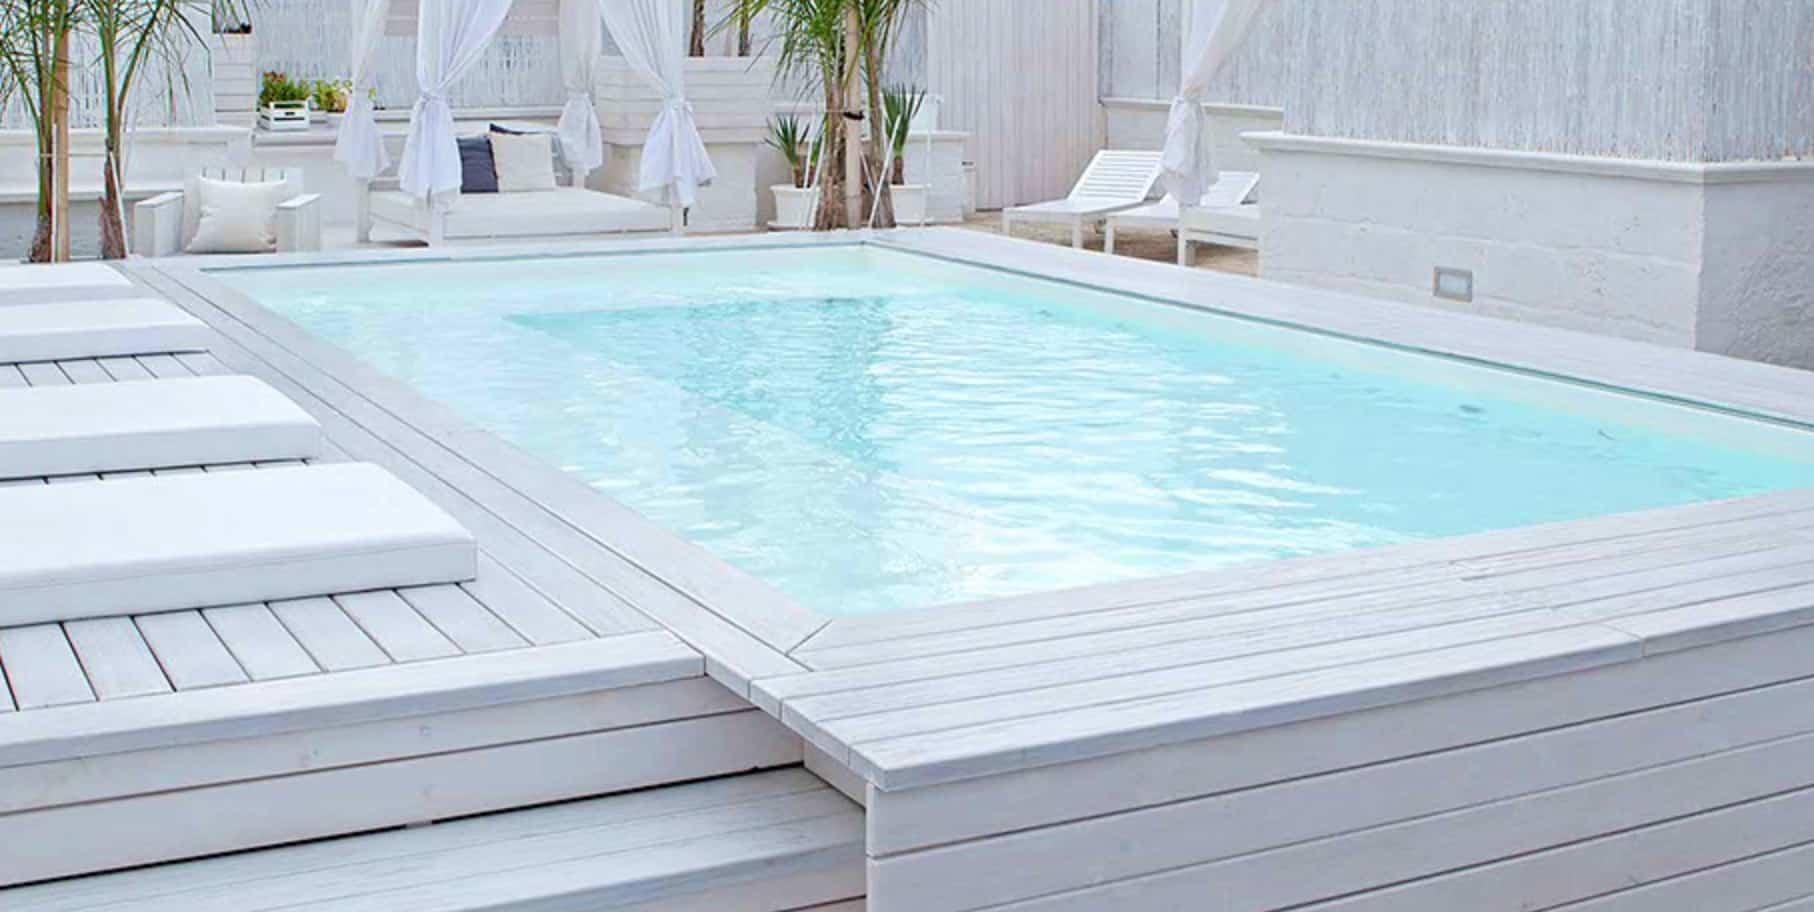 Cheap le piscine da giardino di piscine castiglione sono - Dimensioni piscina olimpionica ...